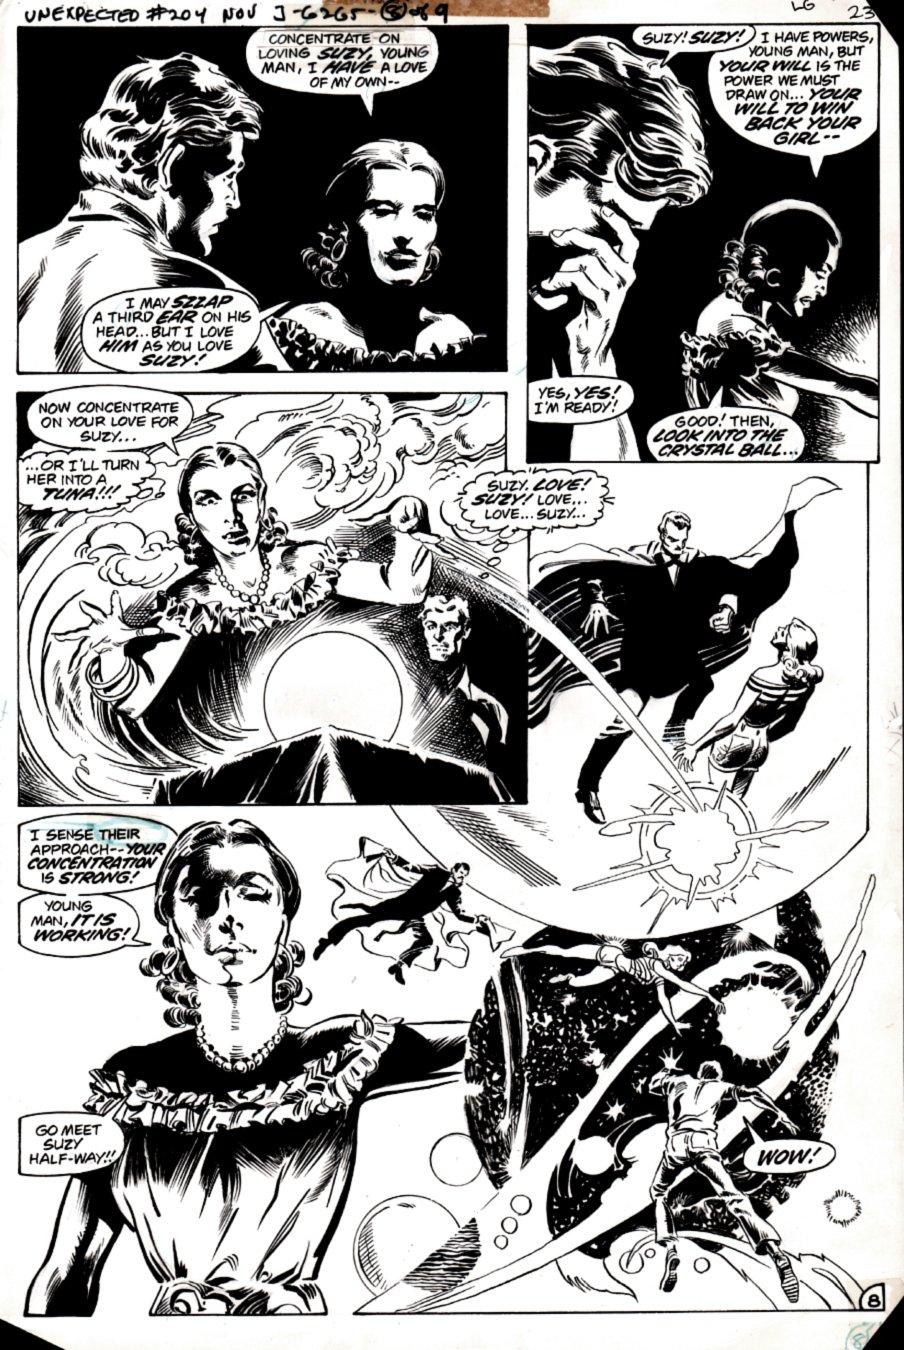 The Unexpected #204 p 8 (STUNNING DON NEWTON ART!) 1980